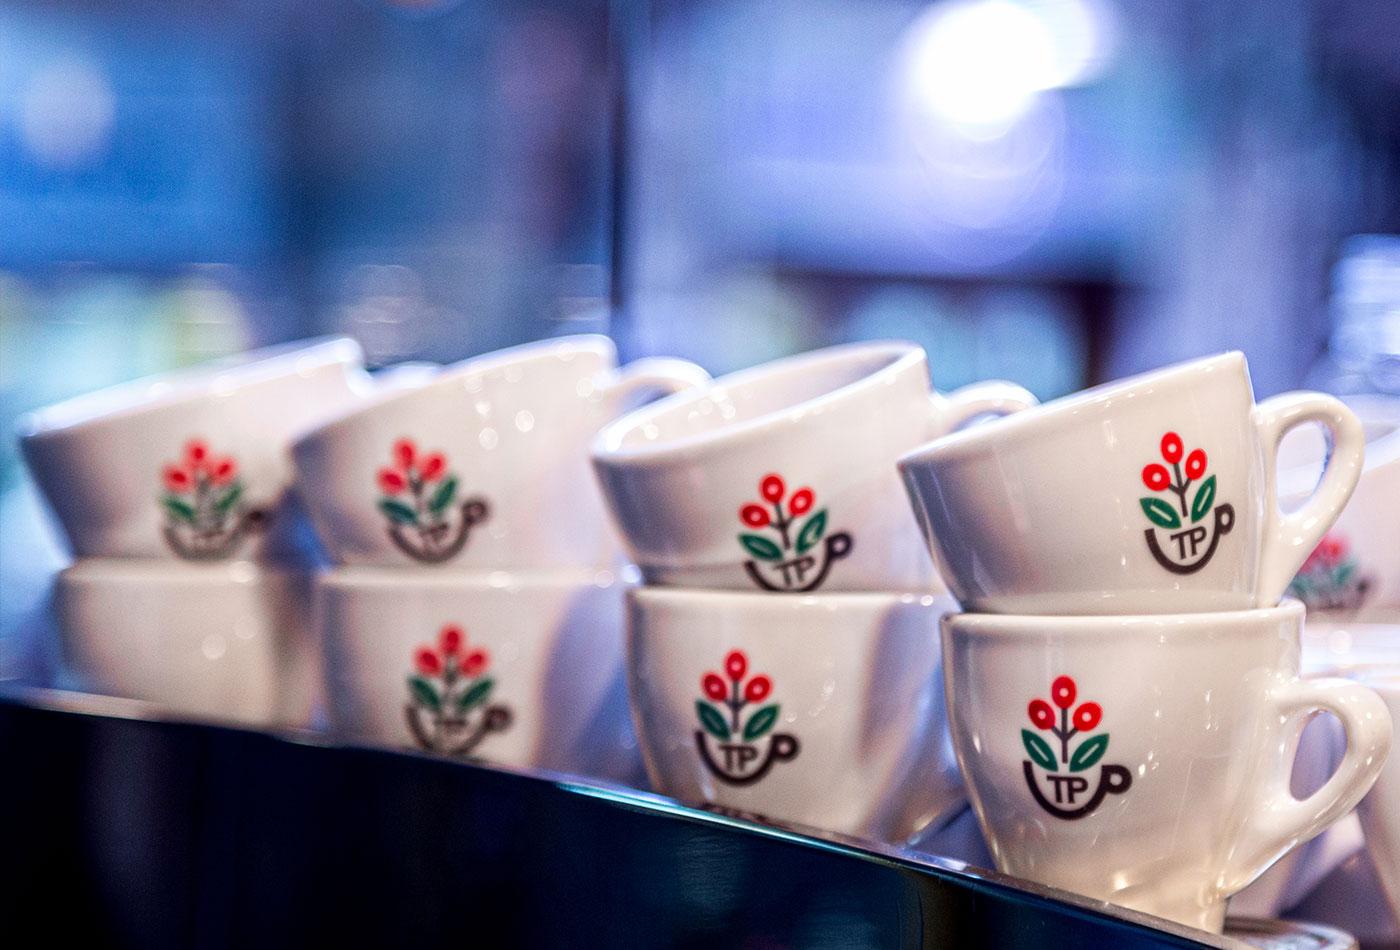 tazze-pazze-caffetteria-gourmet-genova-coffee-specialty-brewing-andrea-cremone-barista-baristas-branding-vacaliebres-logo-coldbrew